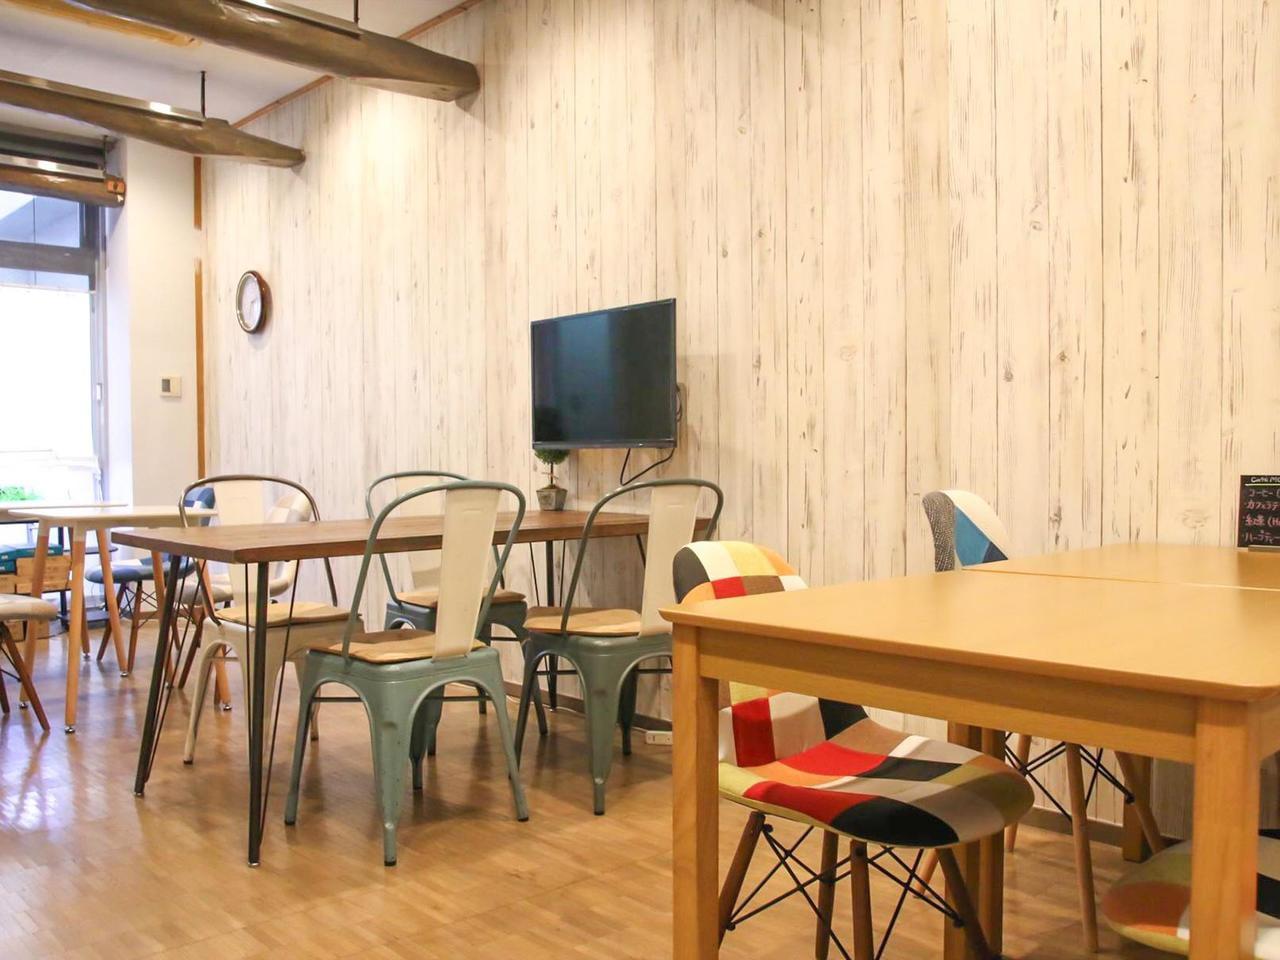 【姫路】勉強はかどる!おすすめ有料自習室4選|料金・設備情報まとめ